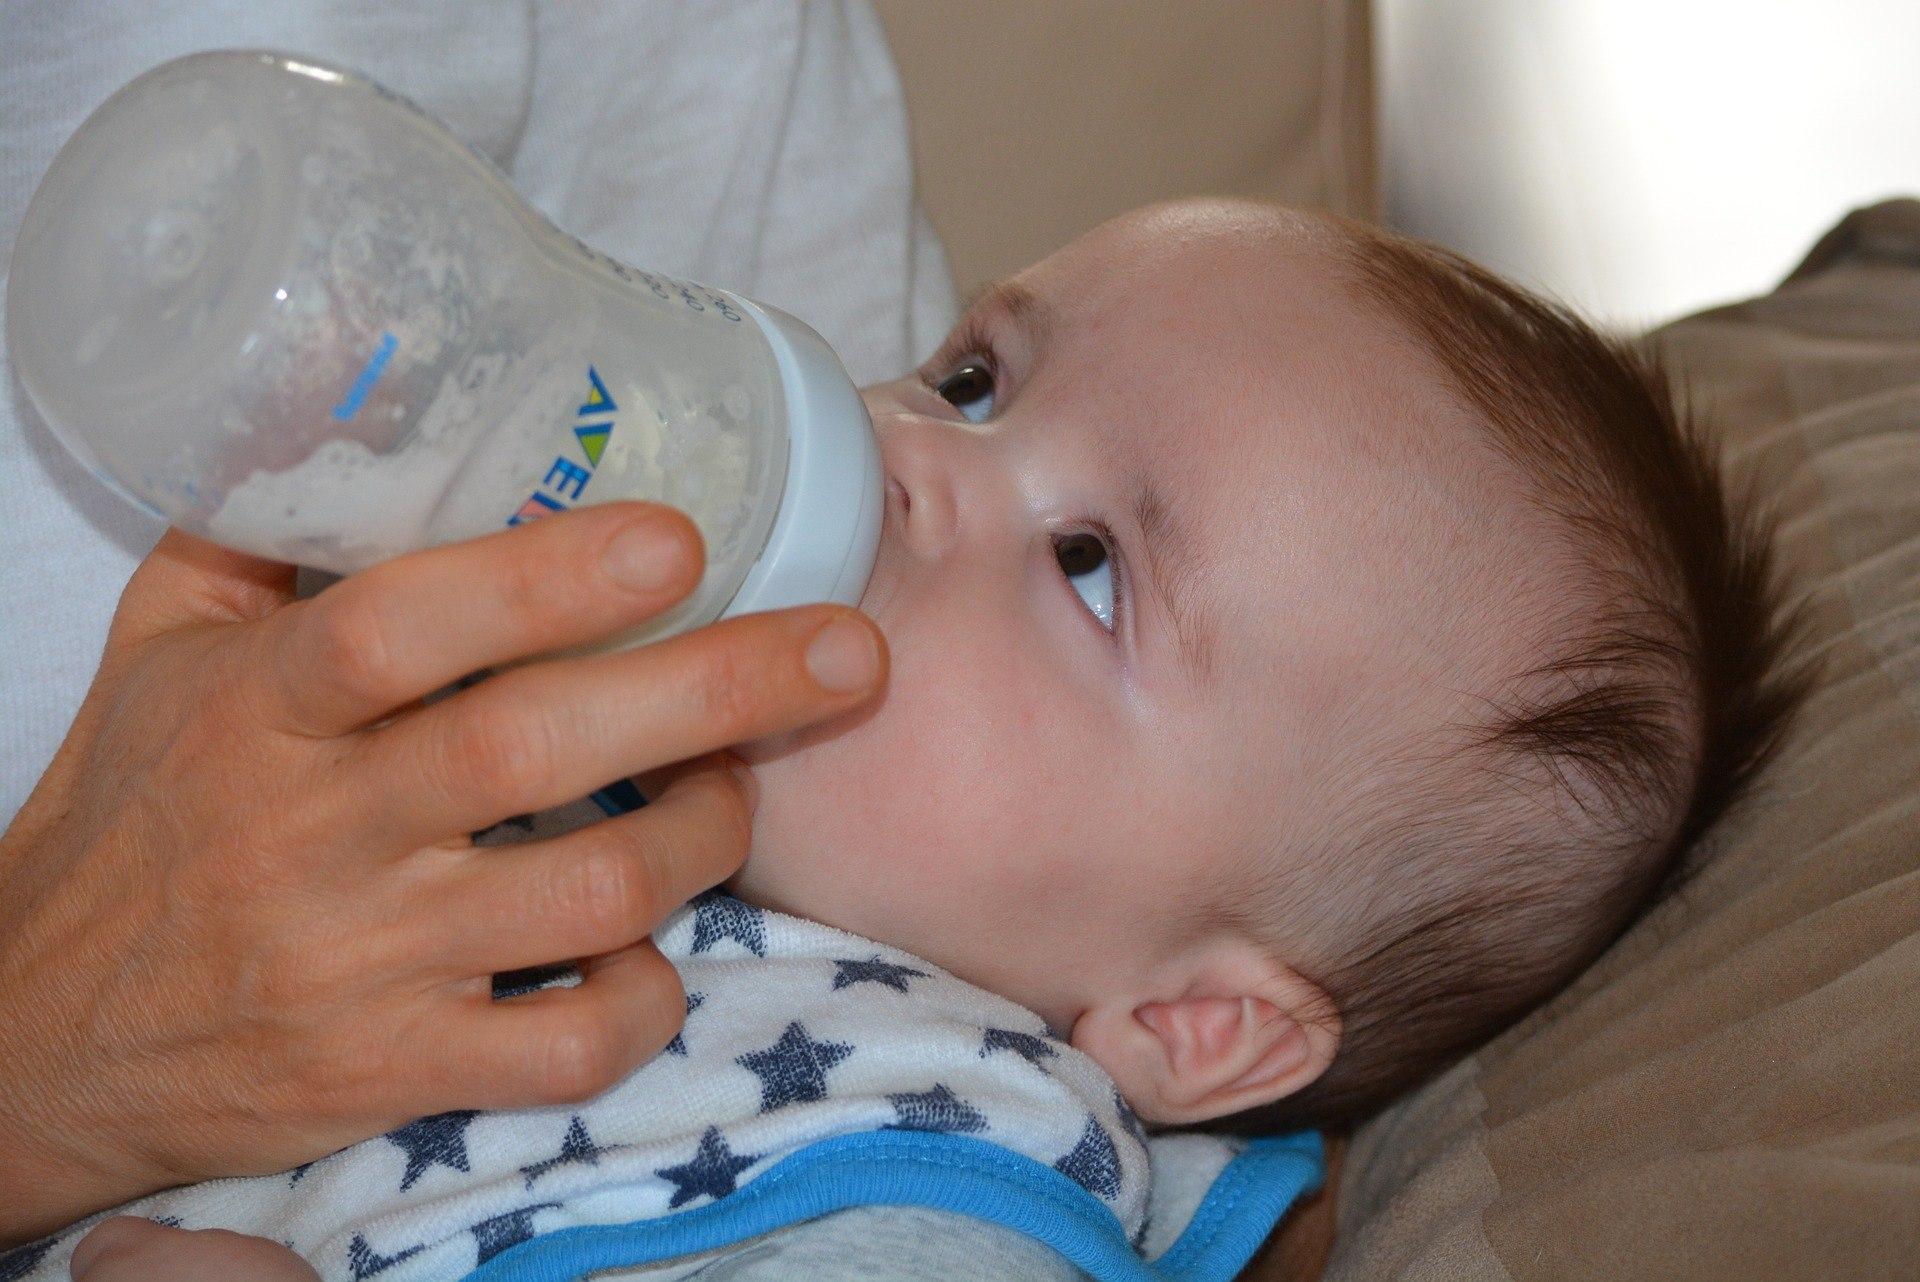 Junge bekommt reifes Baby